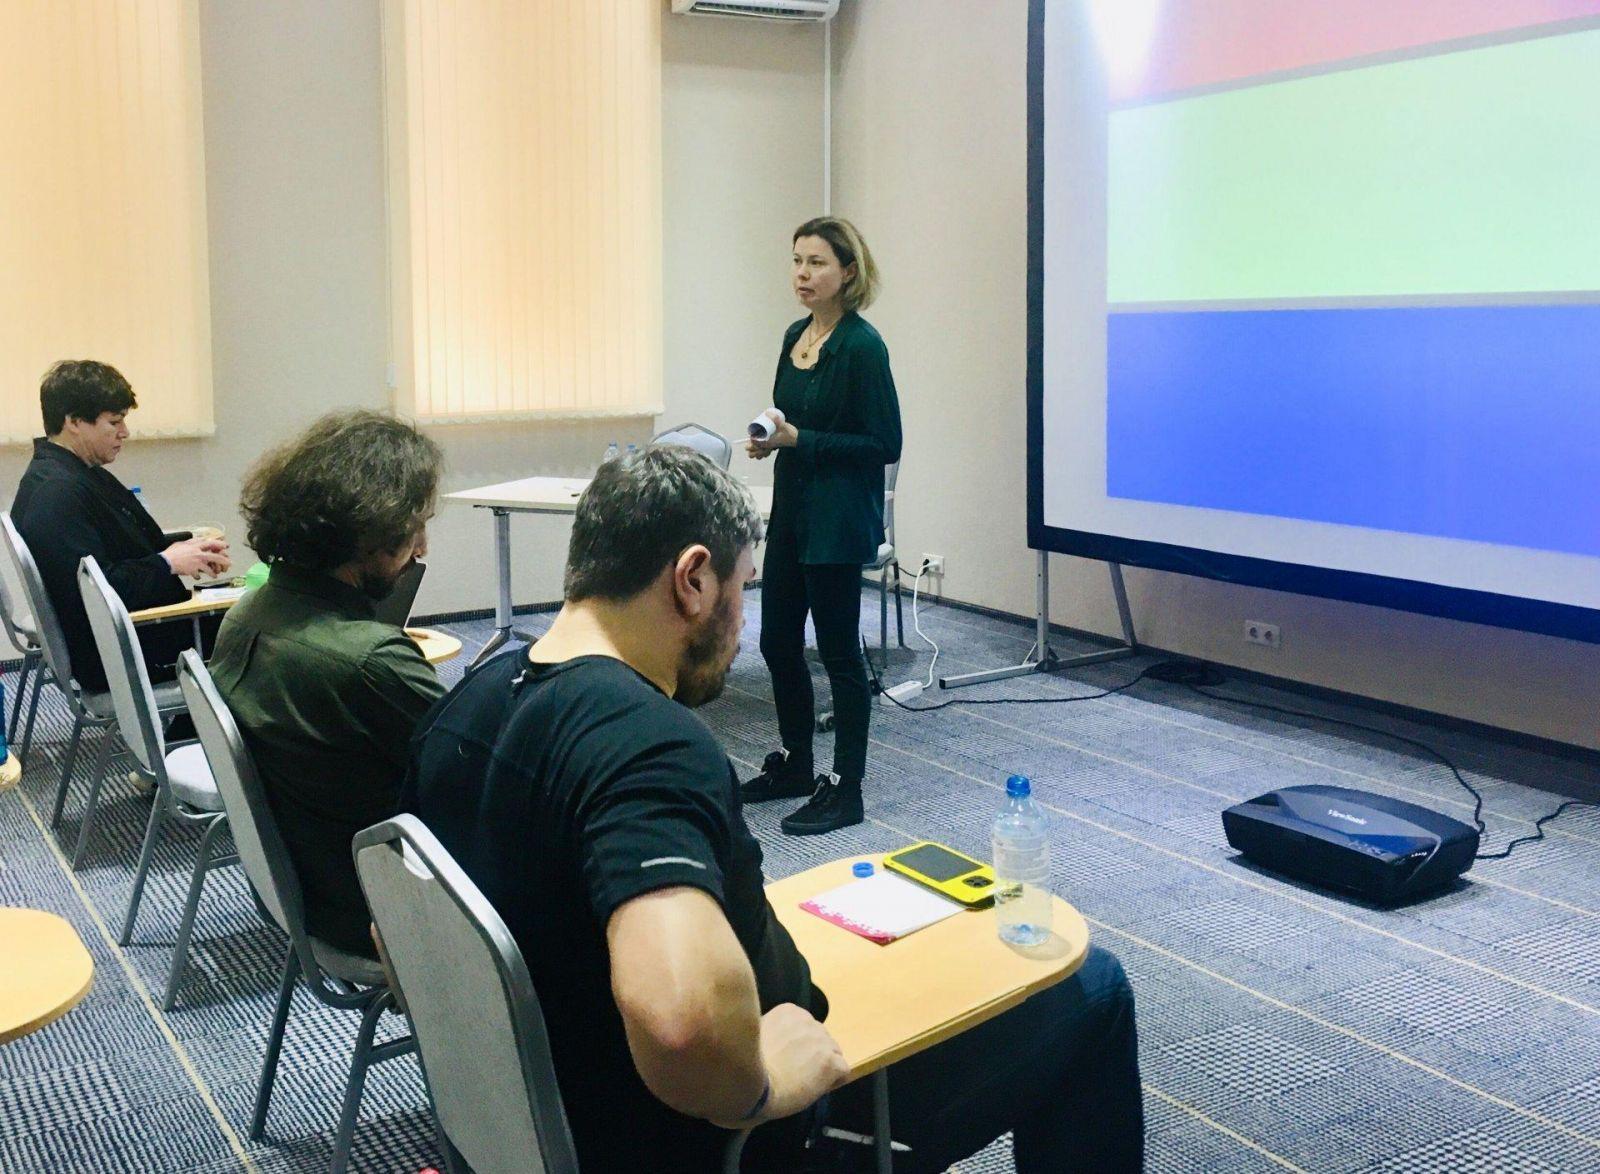 В Сочи прошёл семинар по аналитике и монетизации для цифровых СМИ (ffrr9juo)